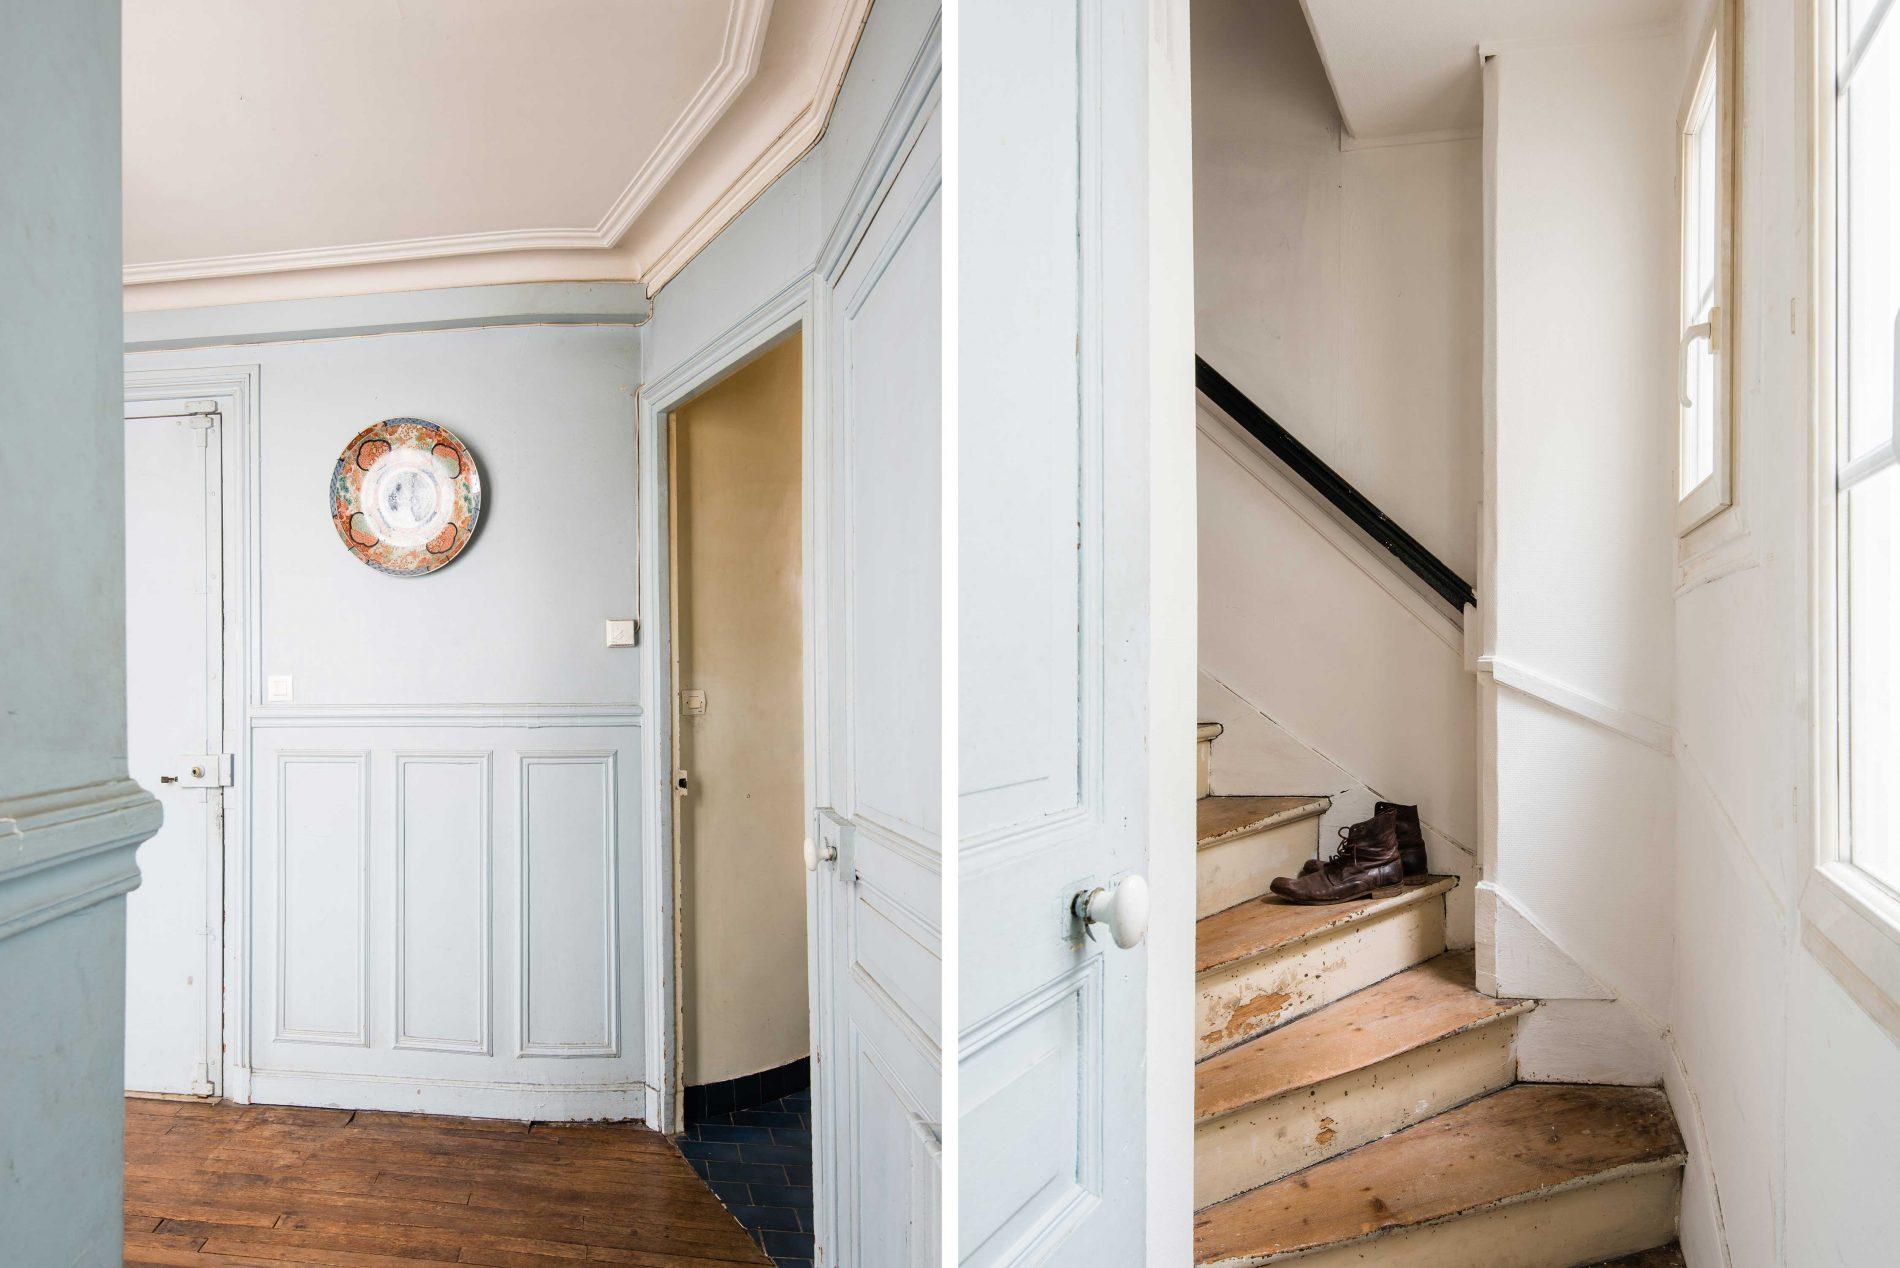 Historique du prix des chambres de service immobilier for Chambre de service